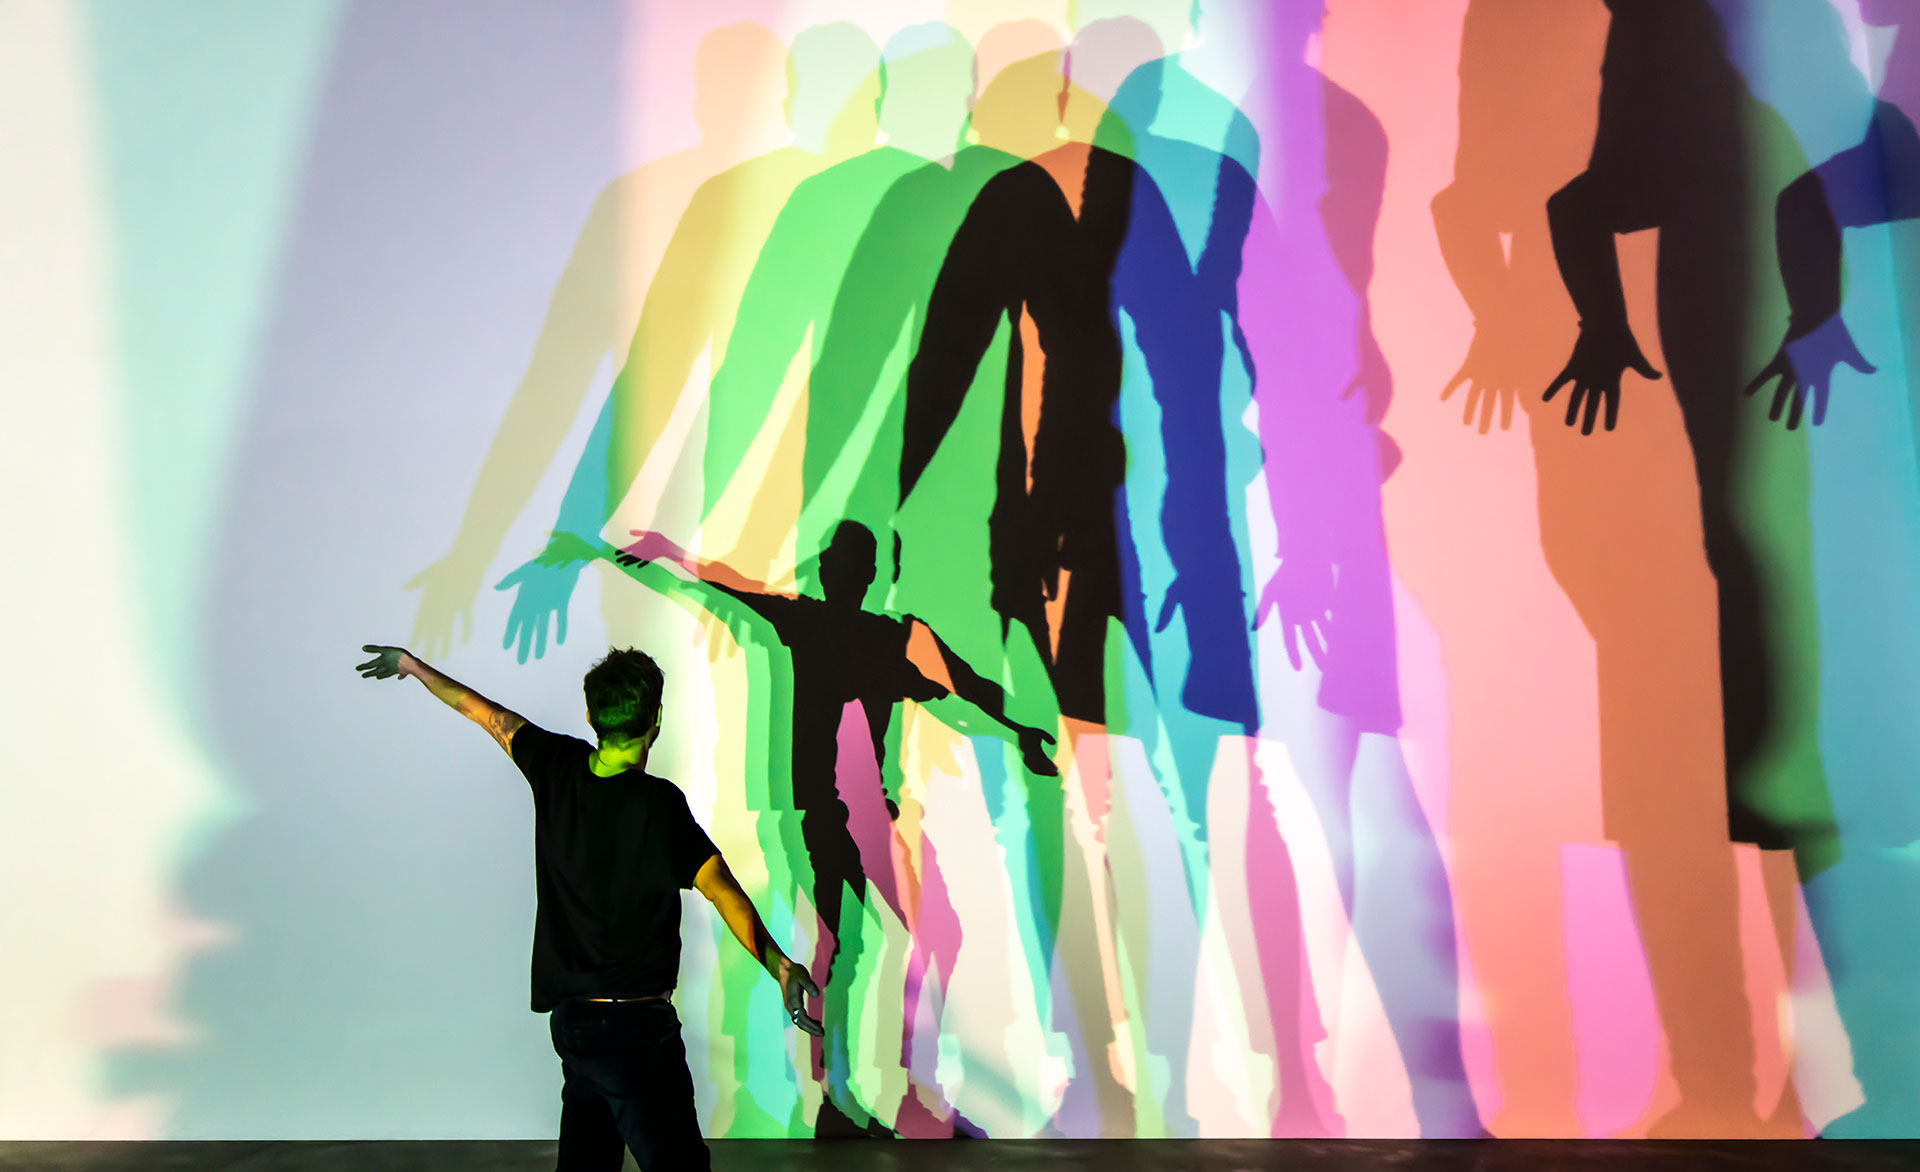 Olafur Eliasson. Tu incierta sombra (color), 2010. Thyssen-Bornemisza Art Contemporary Collection, Viena. © Olafur Eliasson. Foto: María del Pilar García Ayensa / Studio Olafur Eliasson.